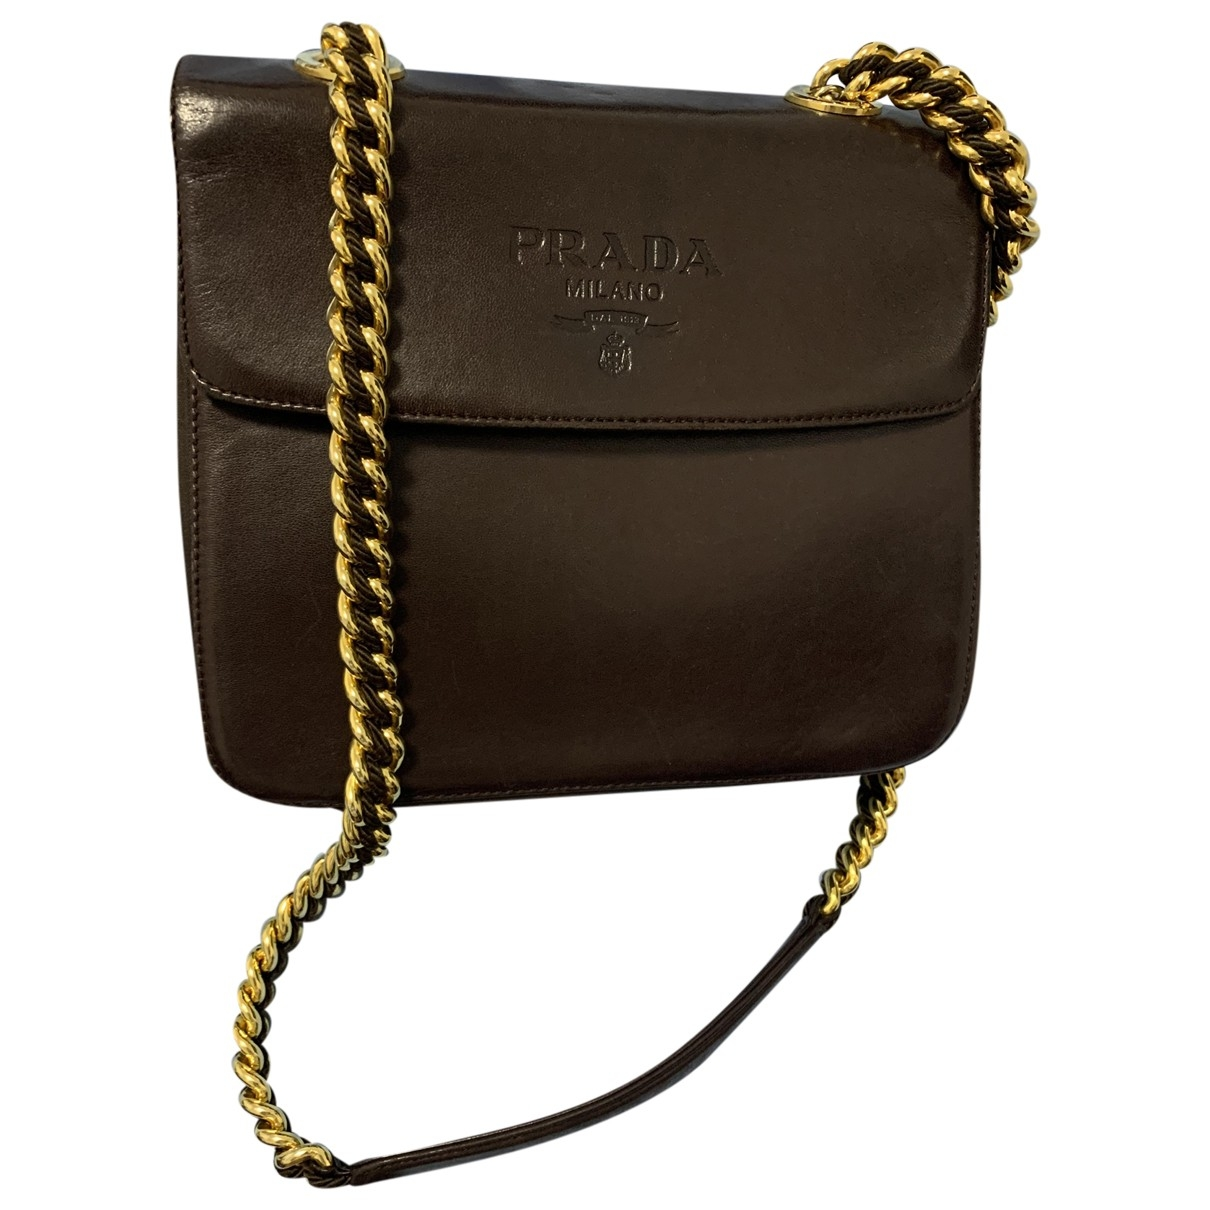 Prada \N Brown Leather handbag for Women \N